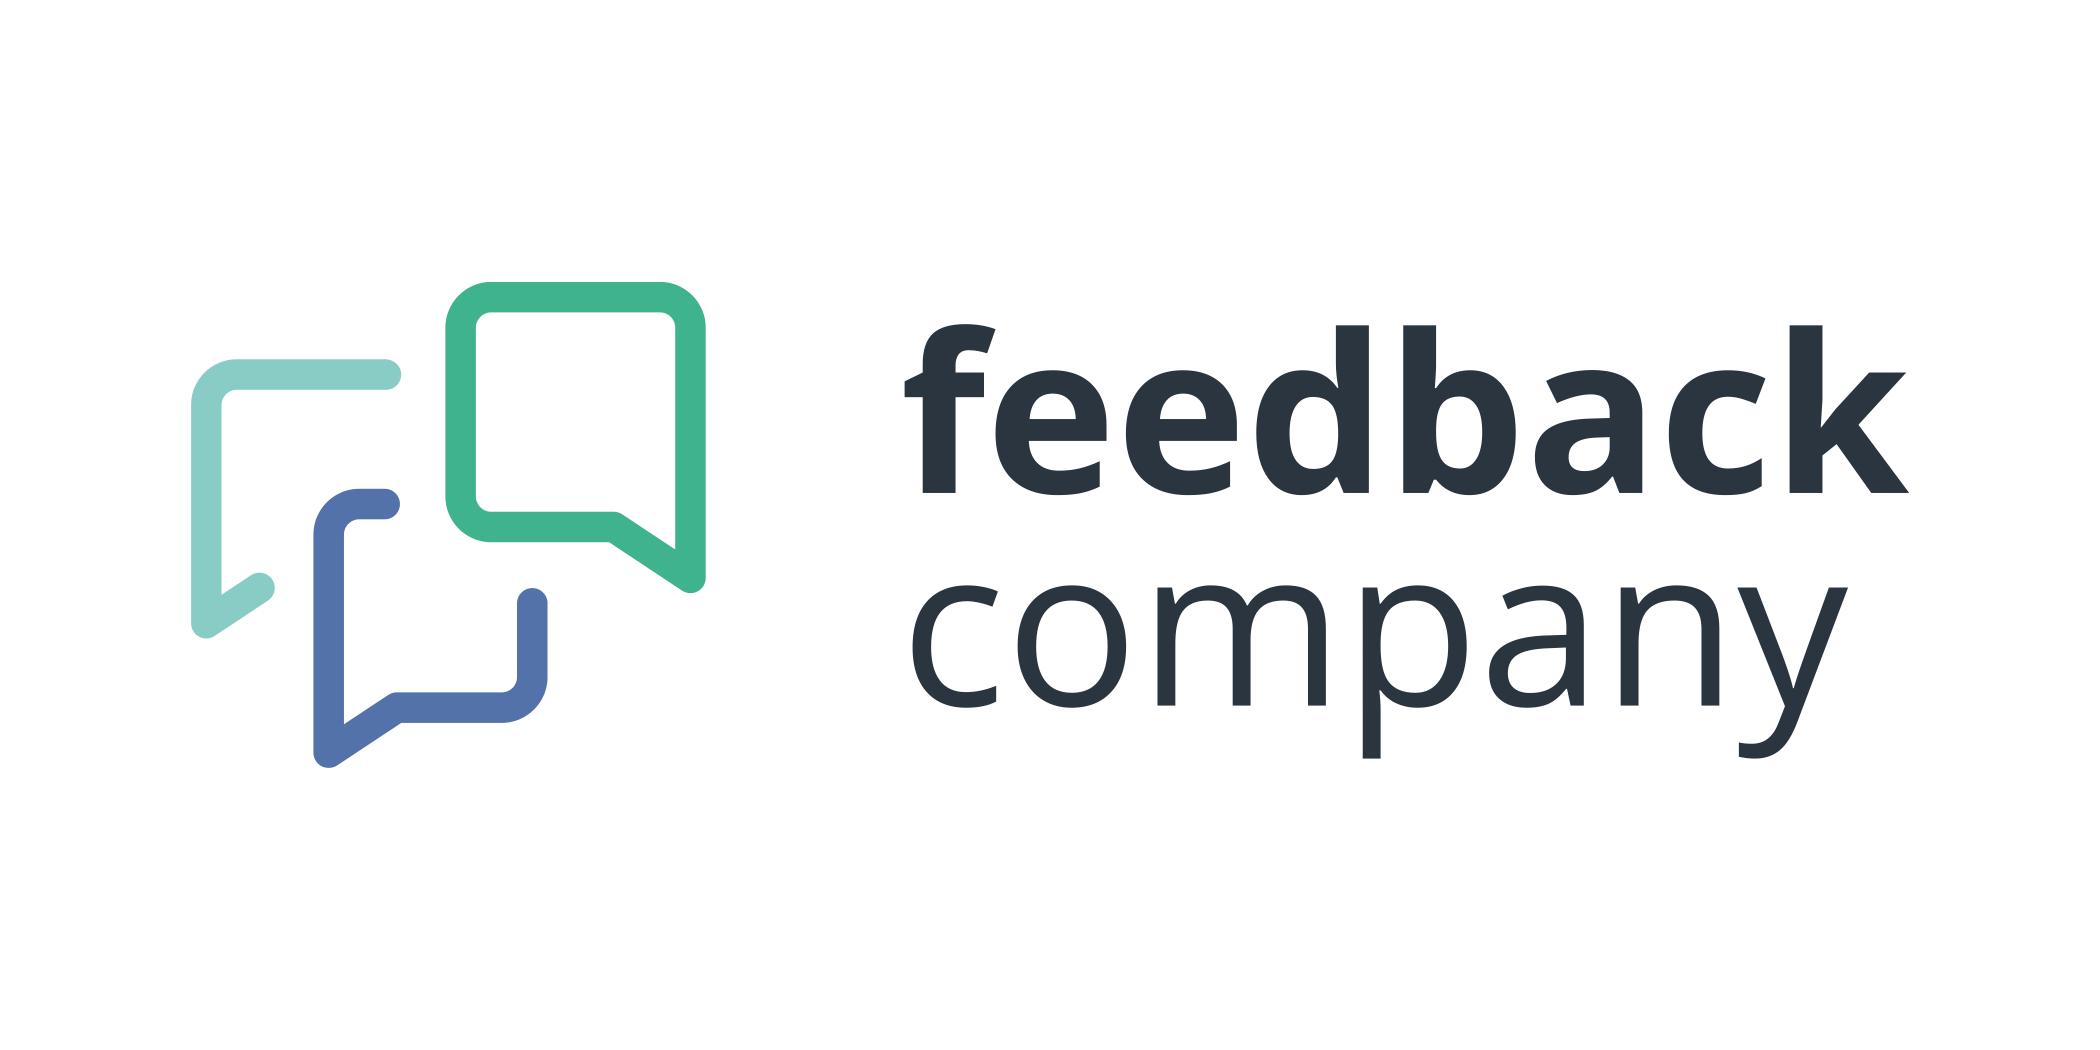 Foto de Feedback Company logo